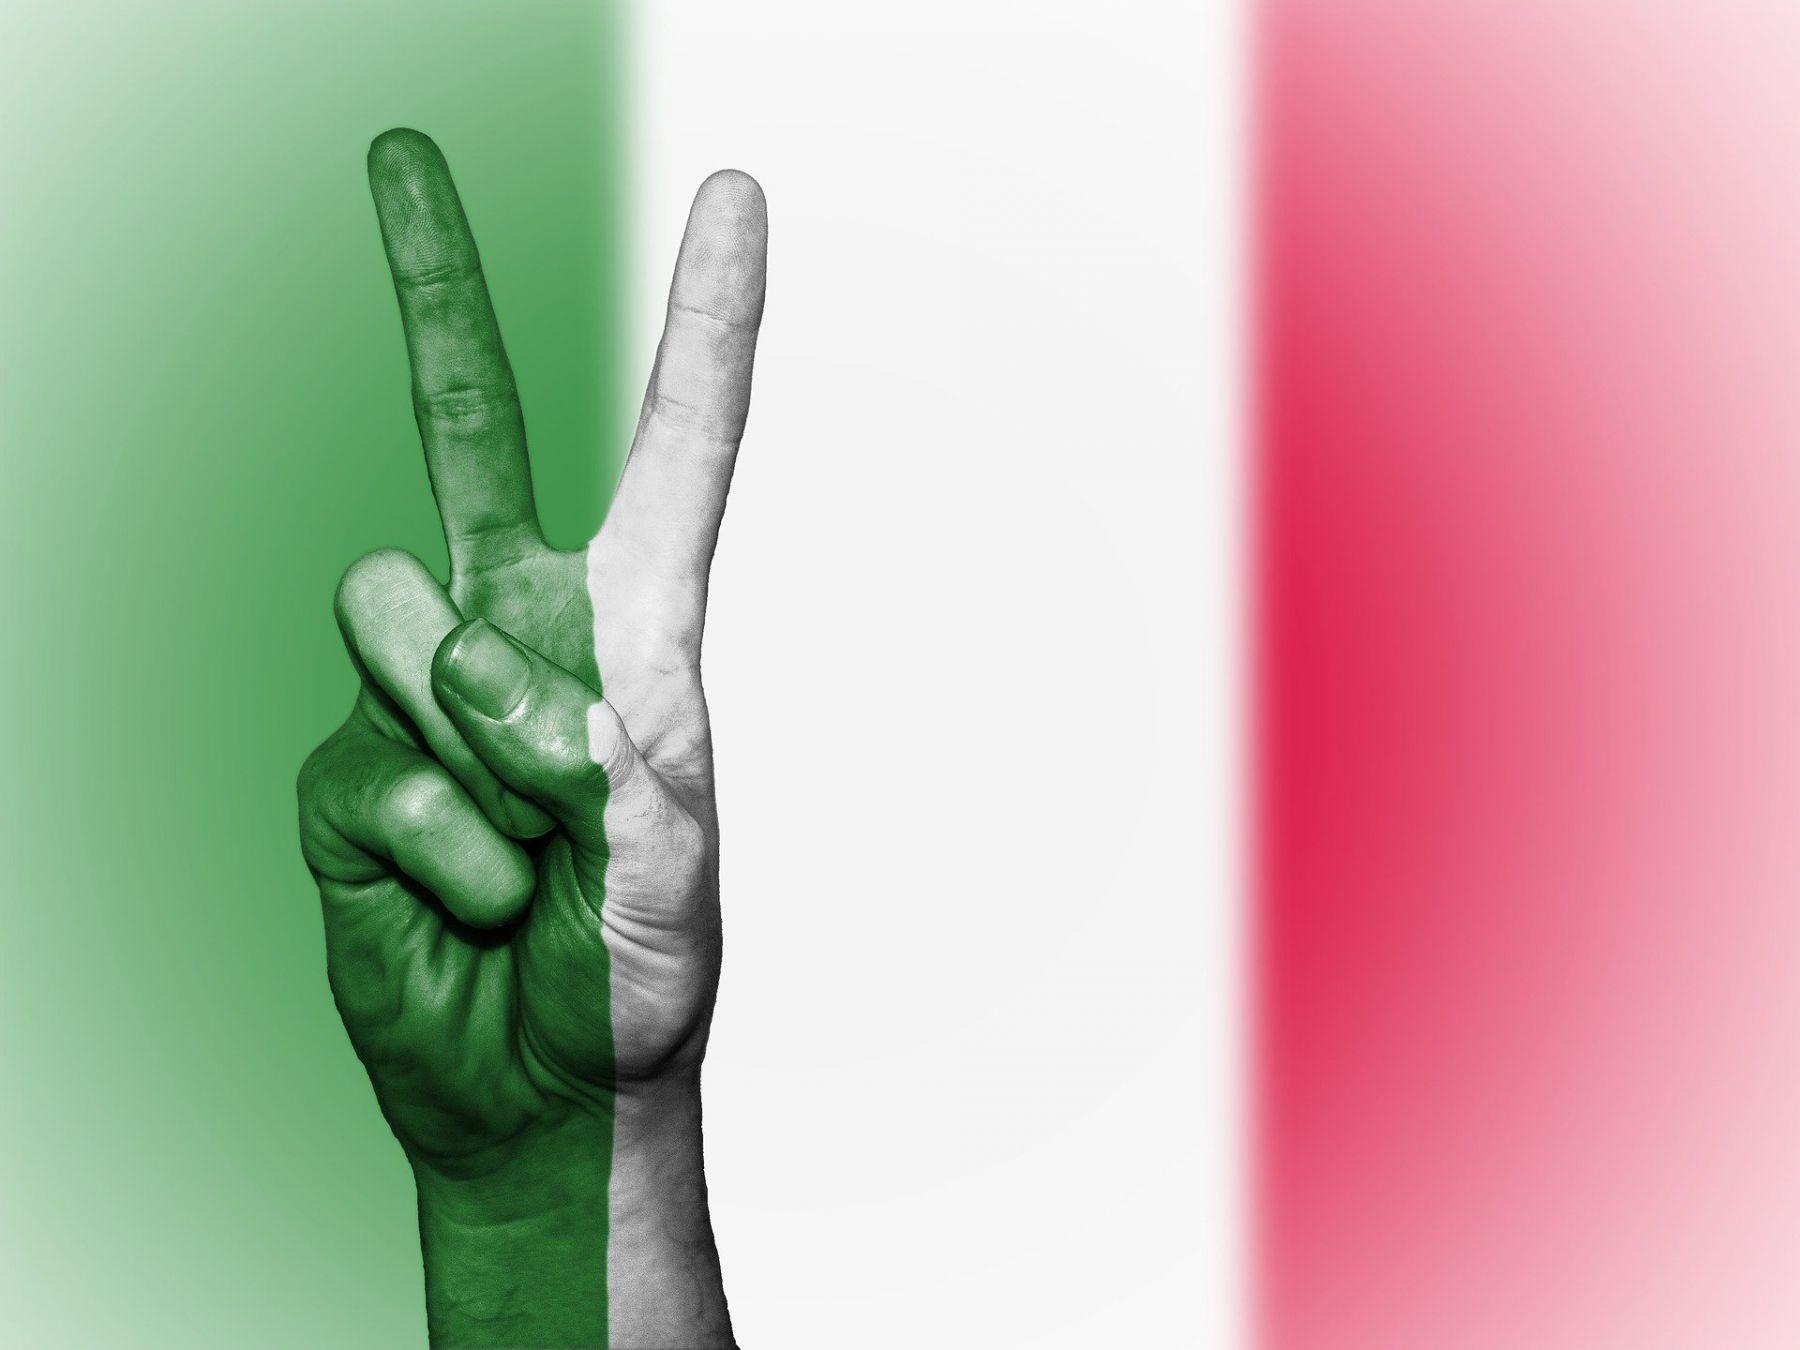 riscorpire-italia-lavora-nel-turismo-dooid